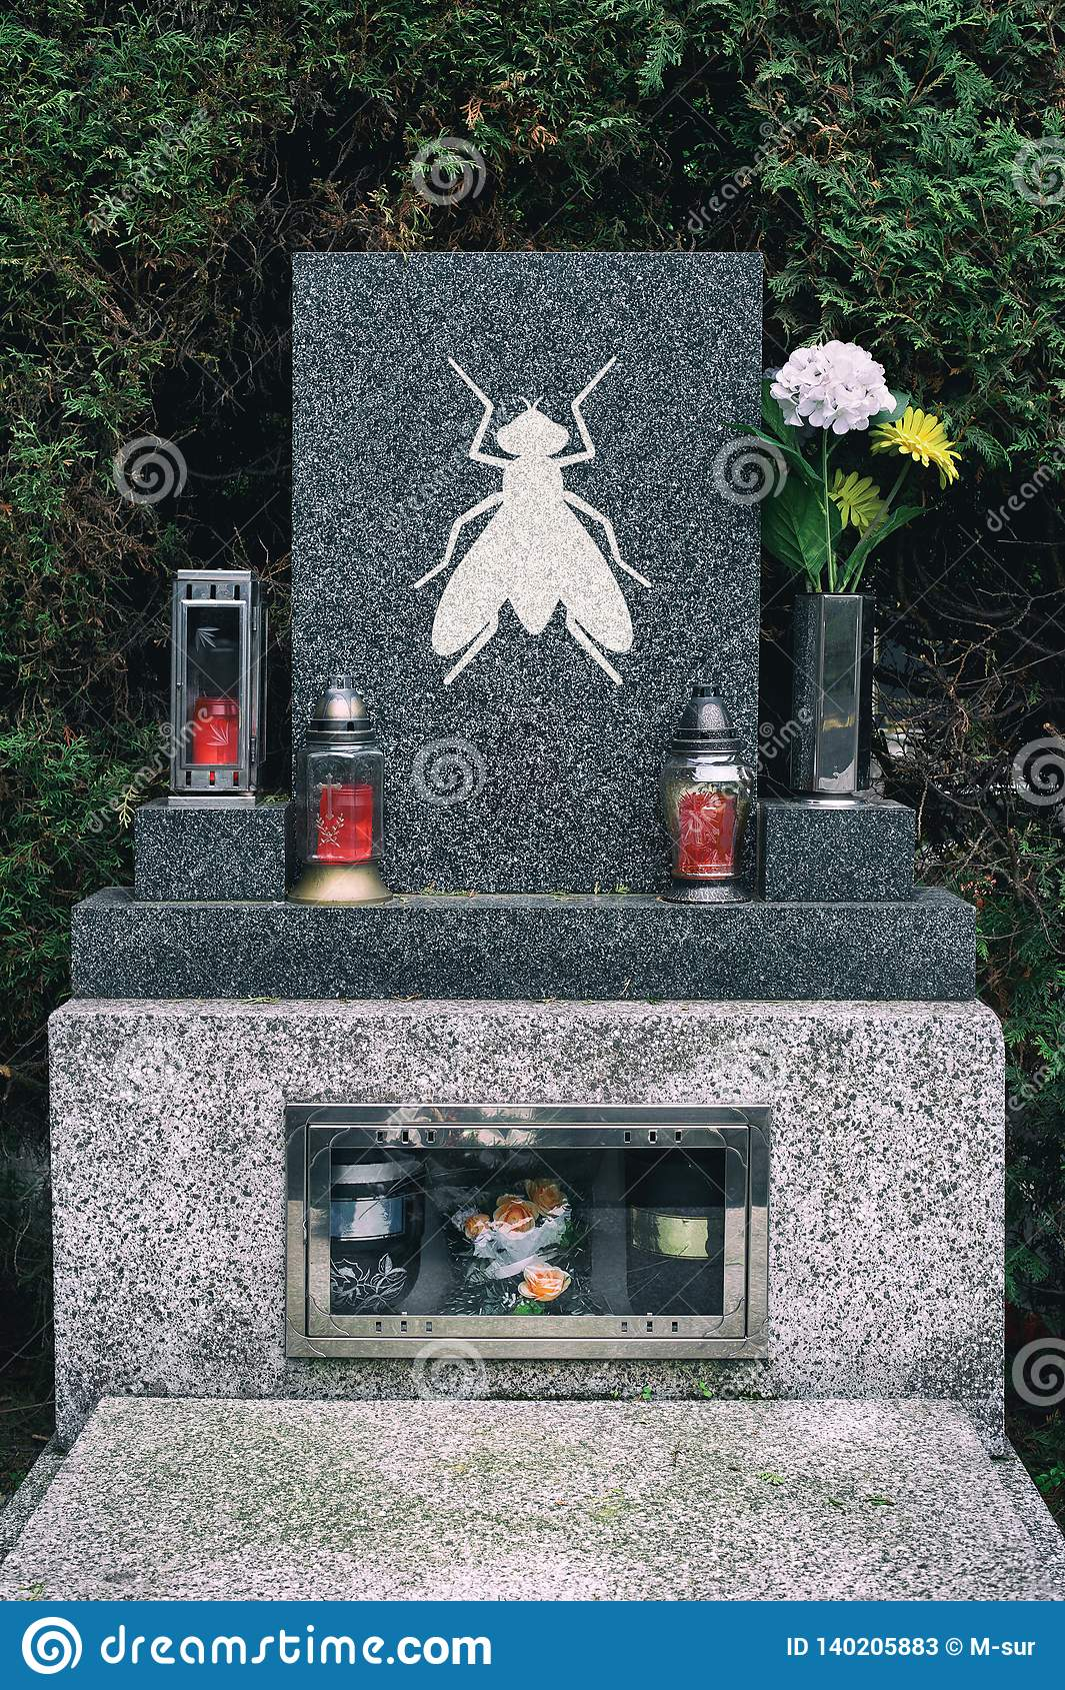 Insekt zmniejszają, obniżają i eliminują śmierć po wygaśnięcia,